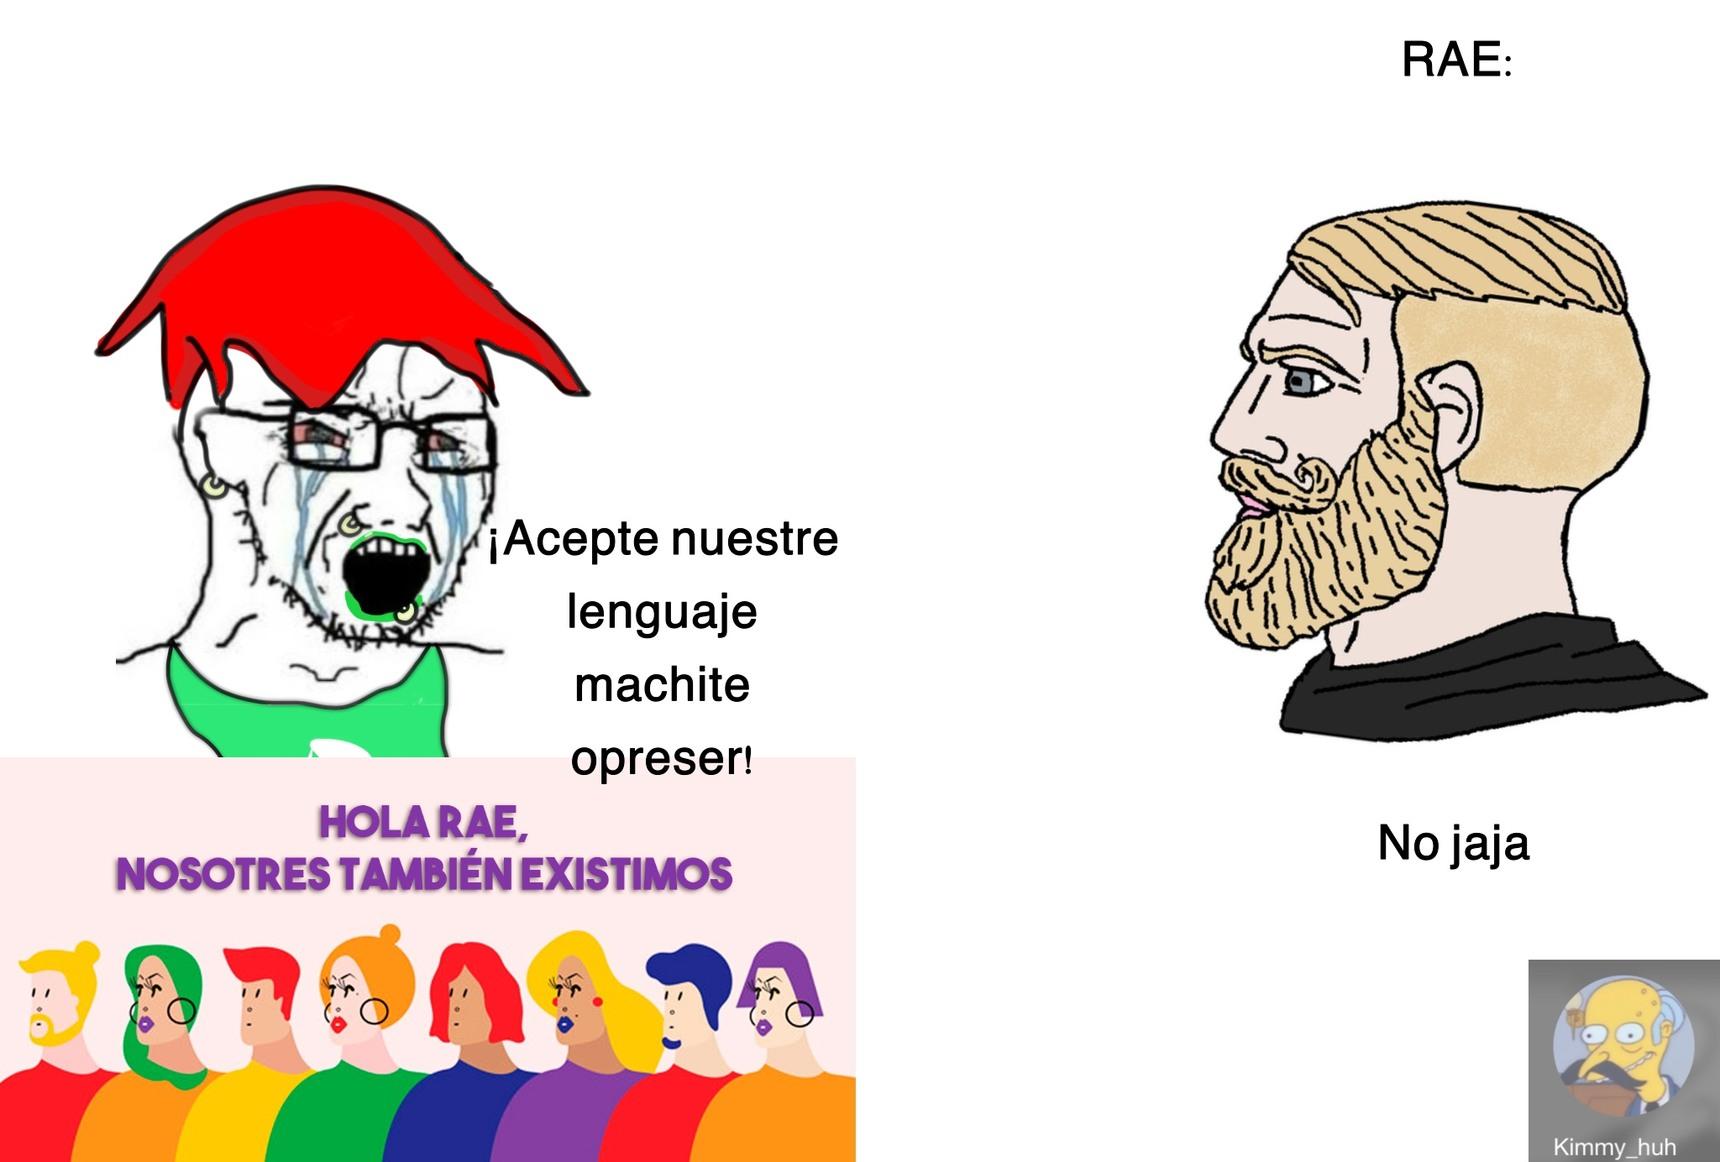 La RAE es el héroe de todos - meme